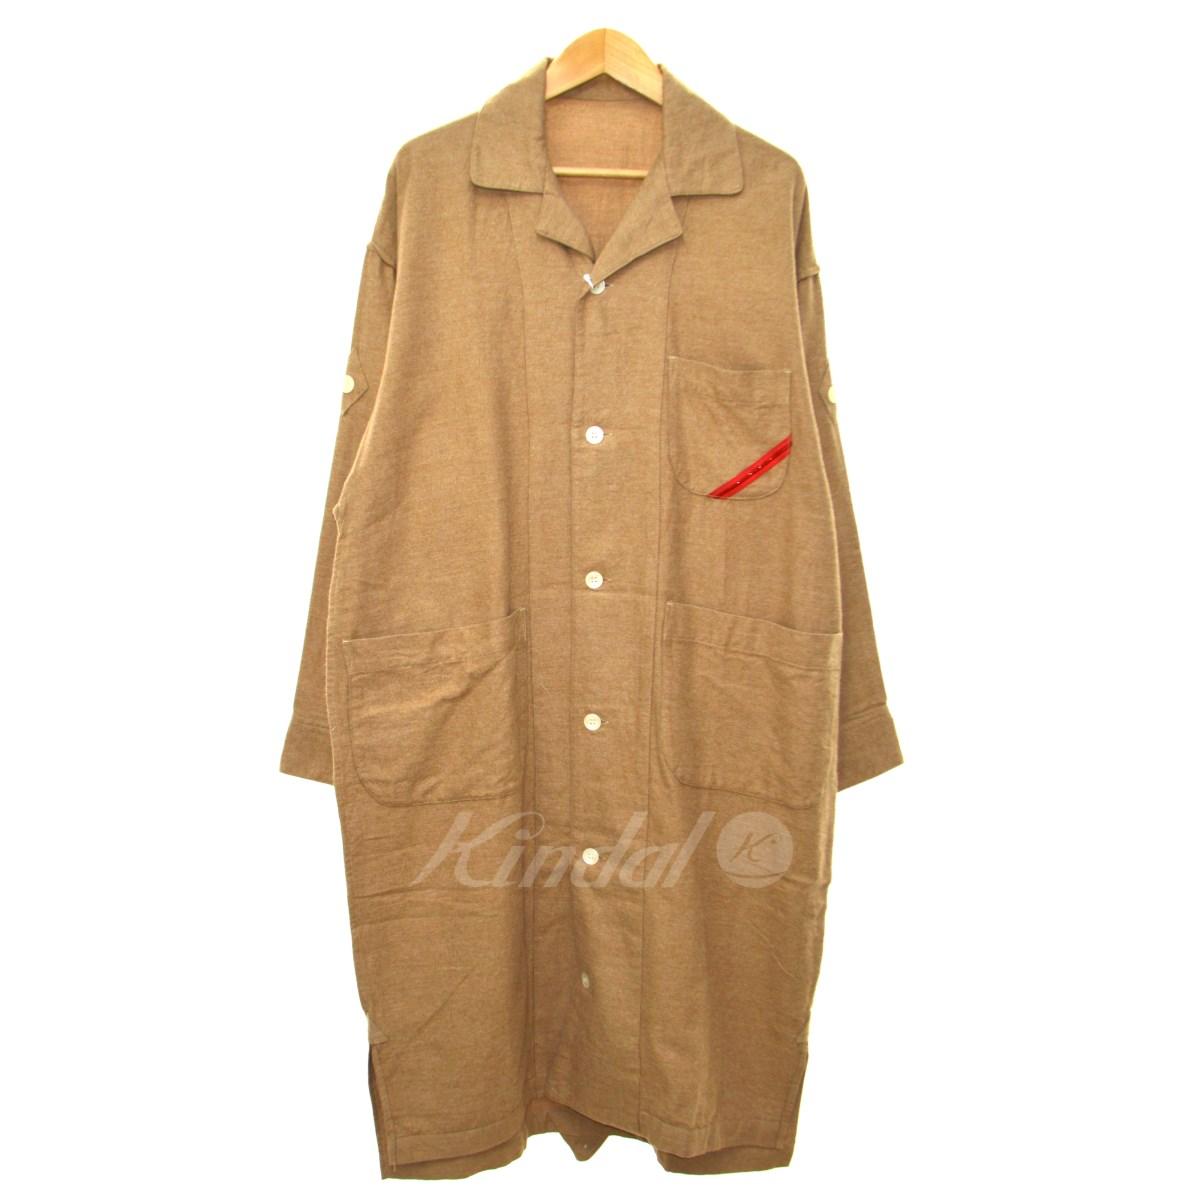 【中古】phingerin 17AW「PHINGERIN SLEEPER NL」ネルシャツコート ベージュ サイズ:M 【送料無料】 【191018】(フィンガリン)